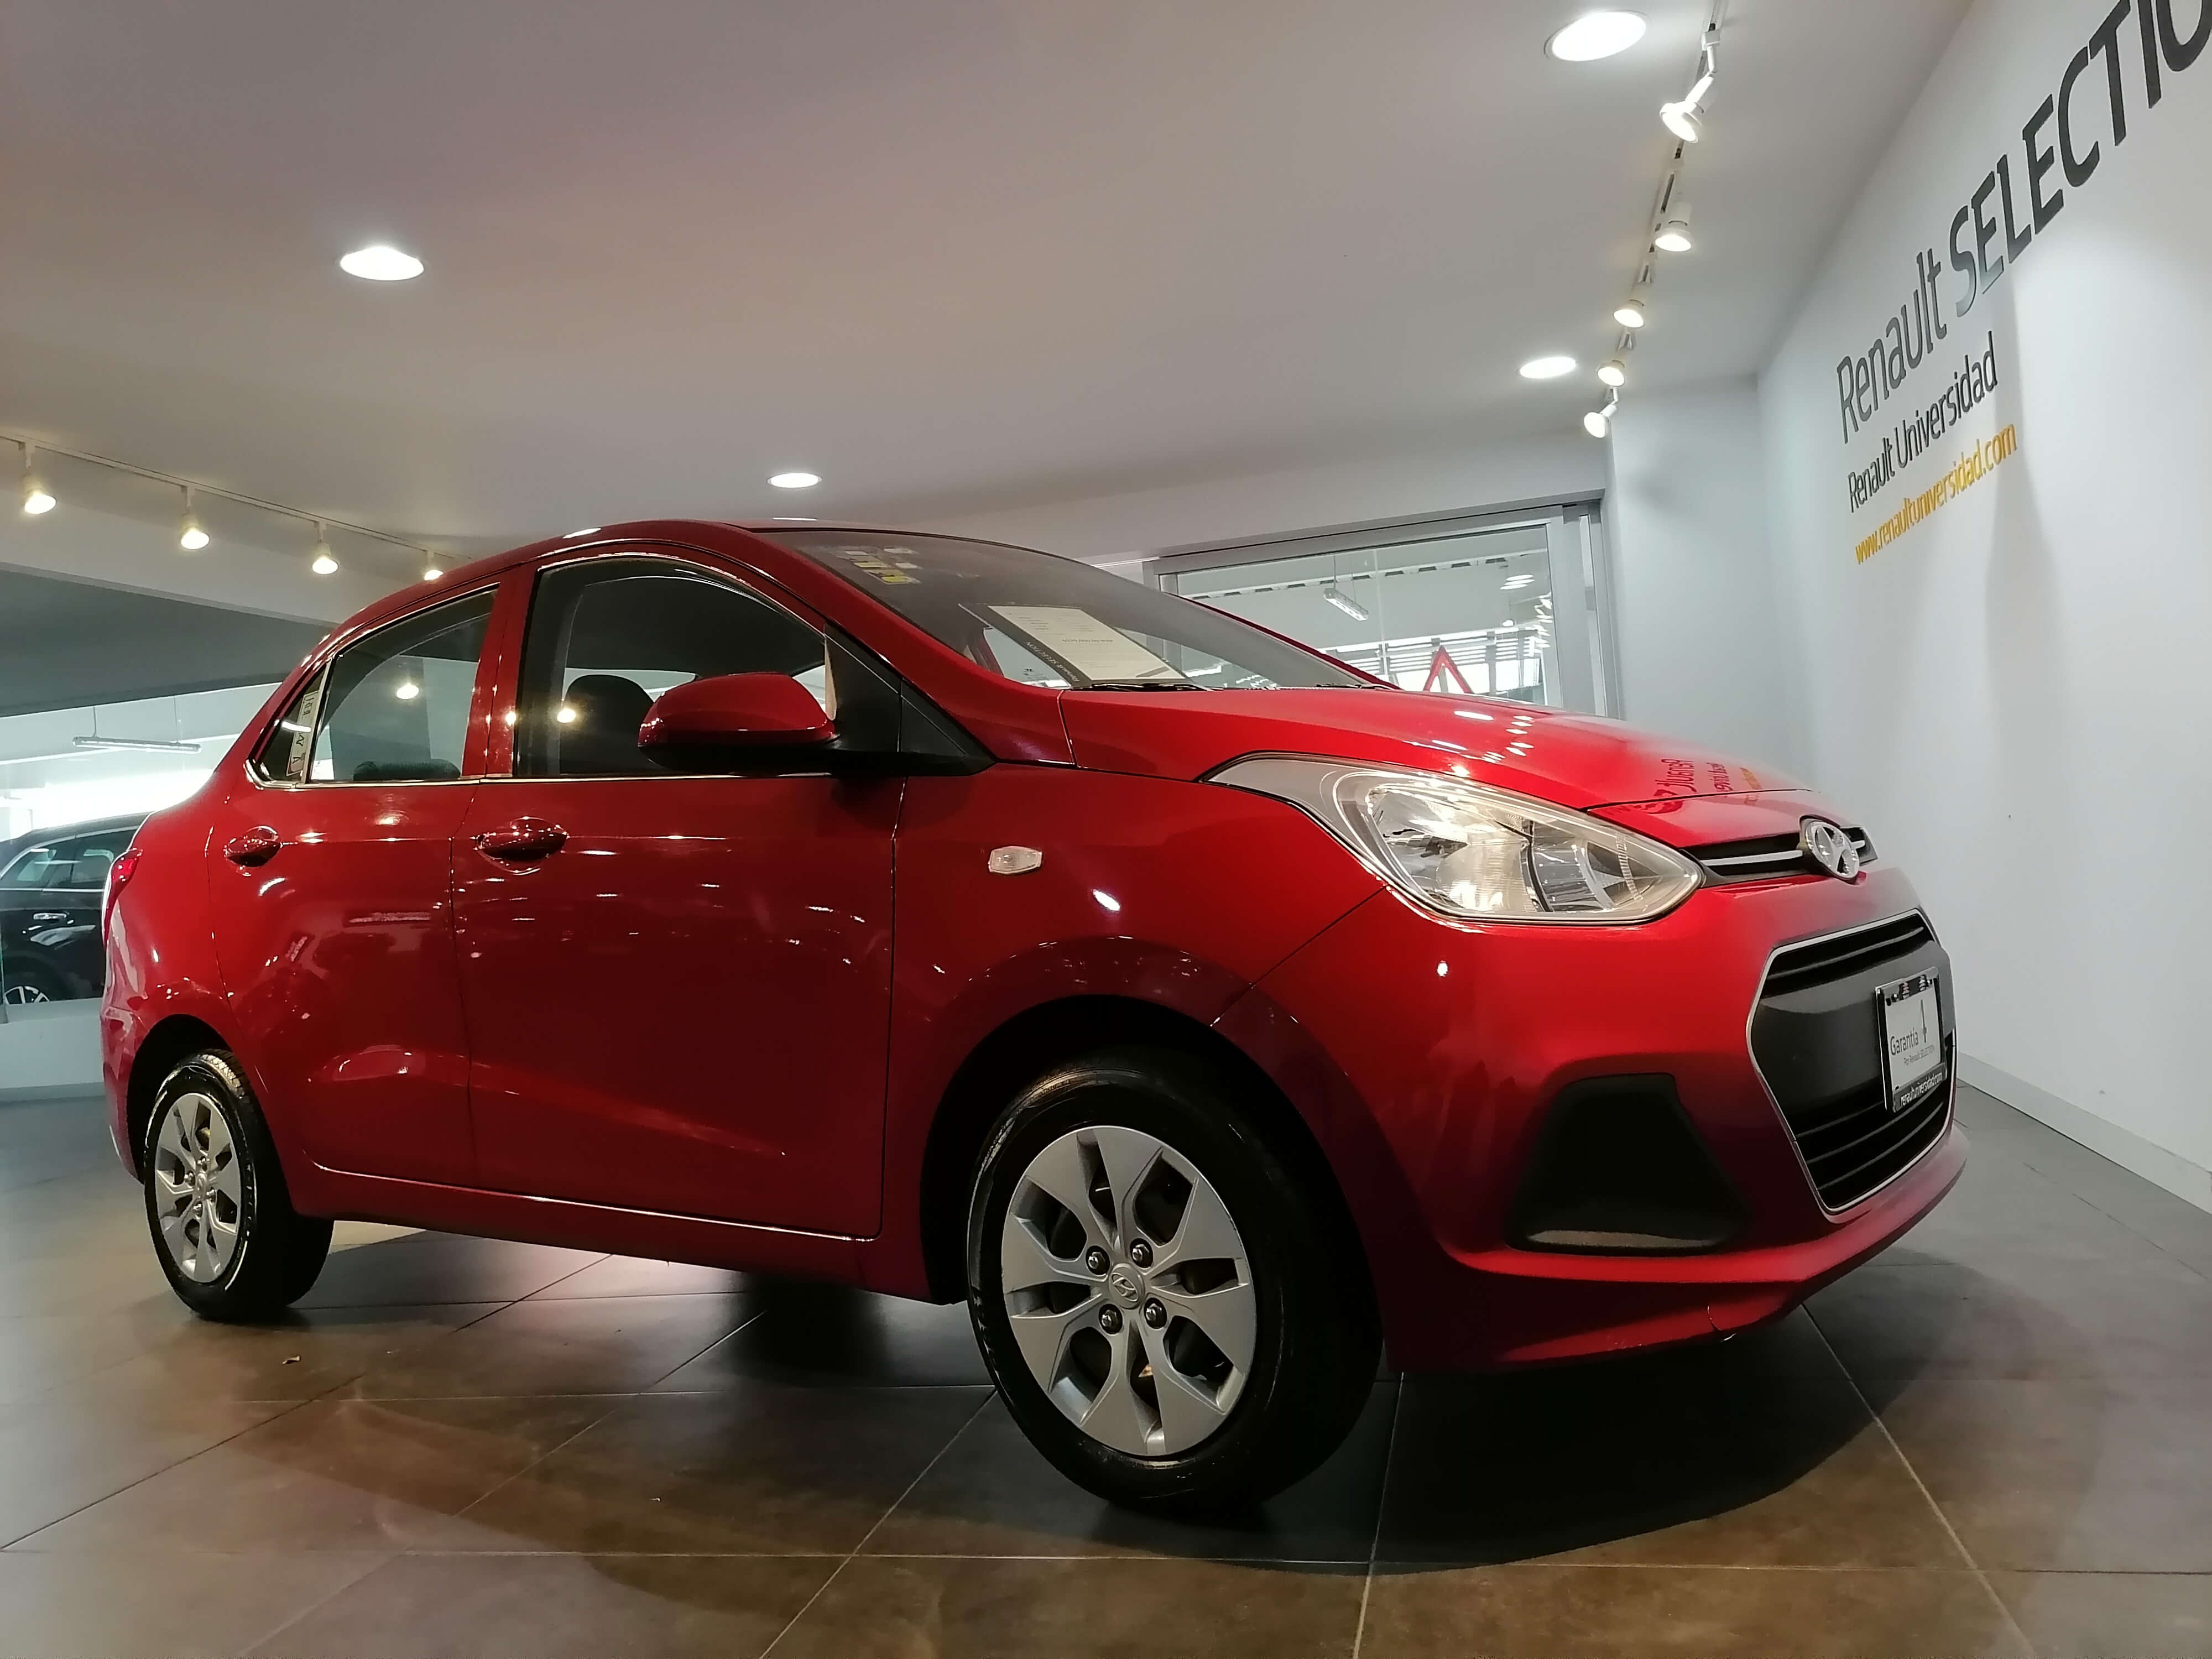 Hyundai Grand i10 149,000